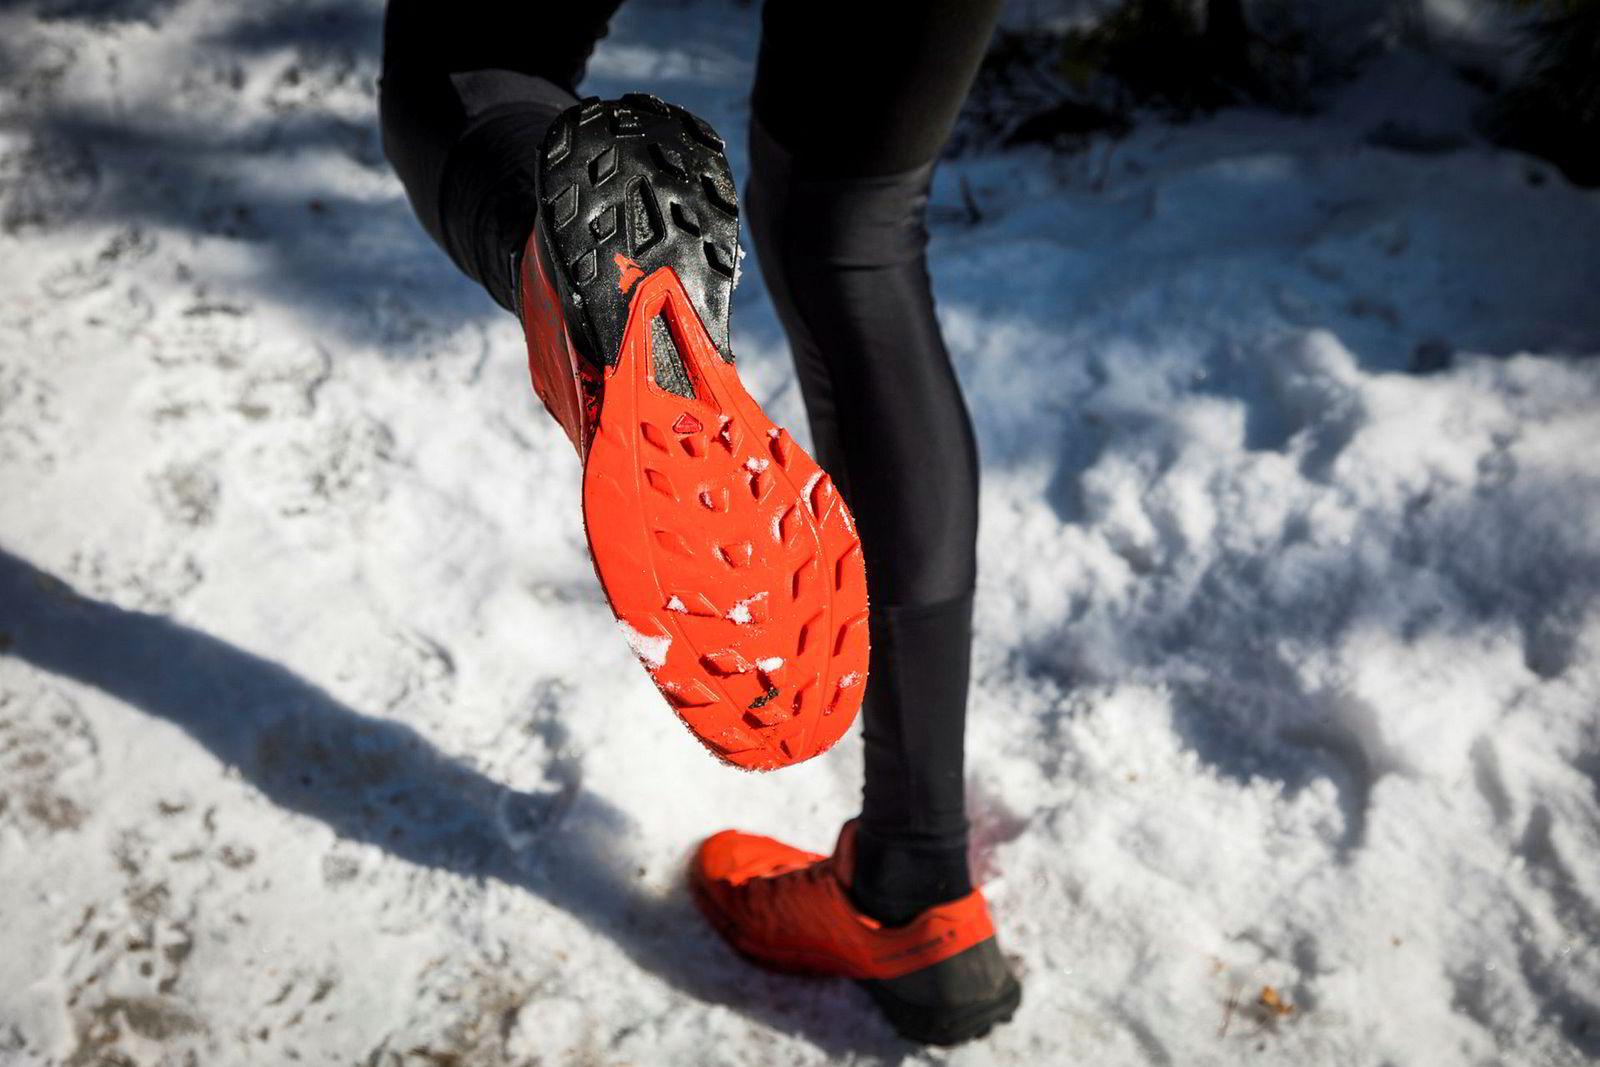 Smedsrød sliter omtrent ut et par sko i måneden. De ytterste knastene på disse skoene er helt nedslitte på et nåværende par terrengsko.